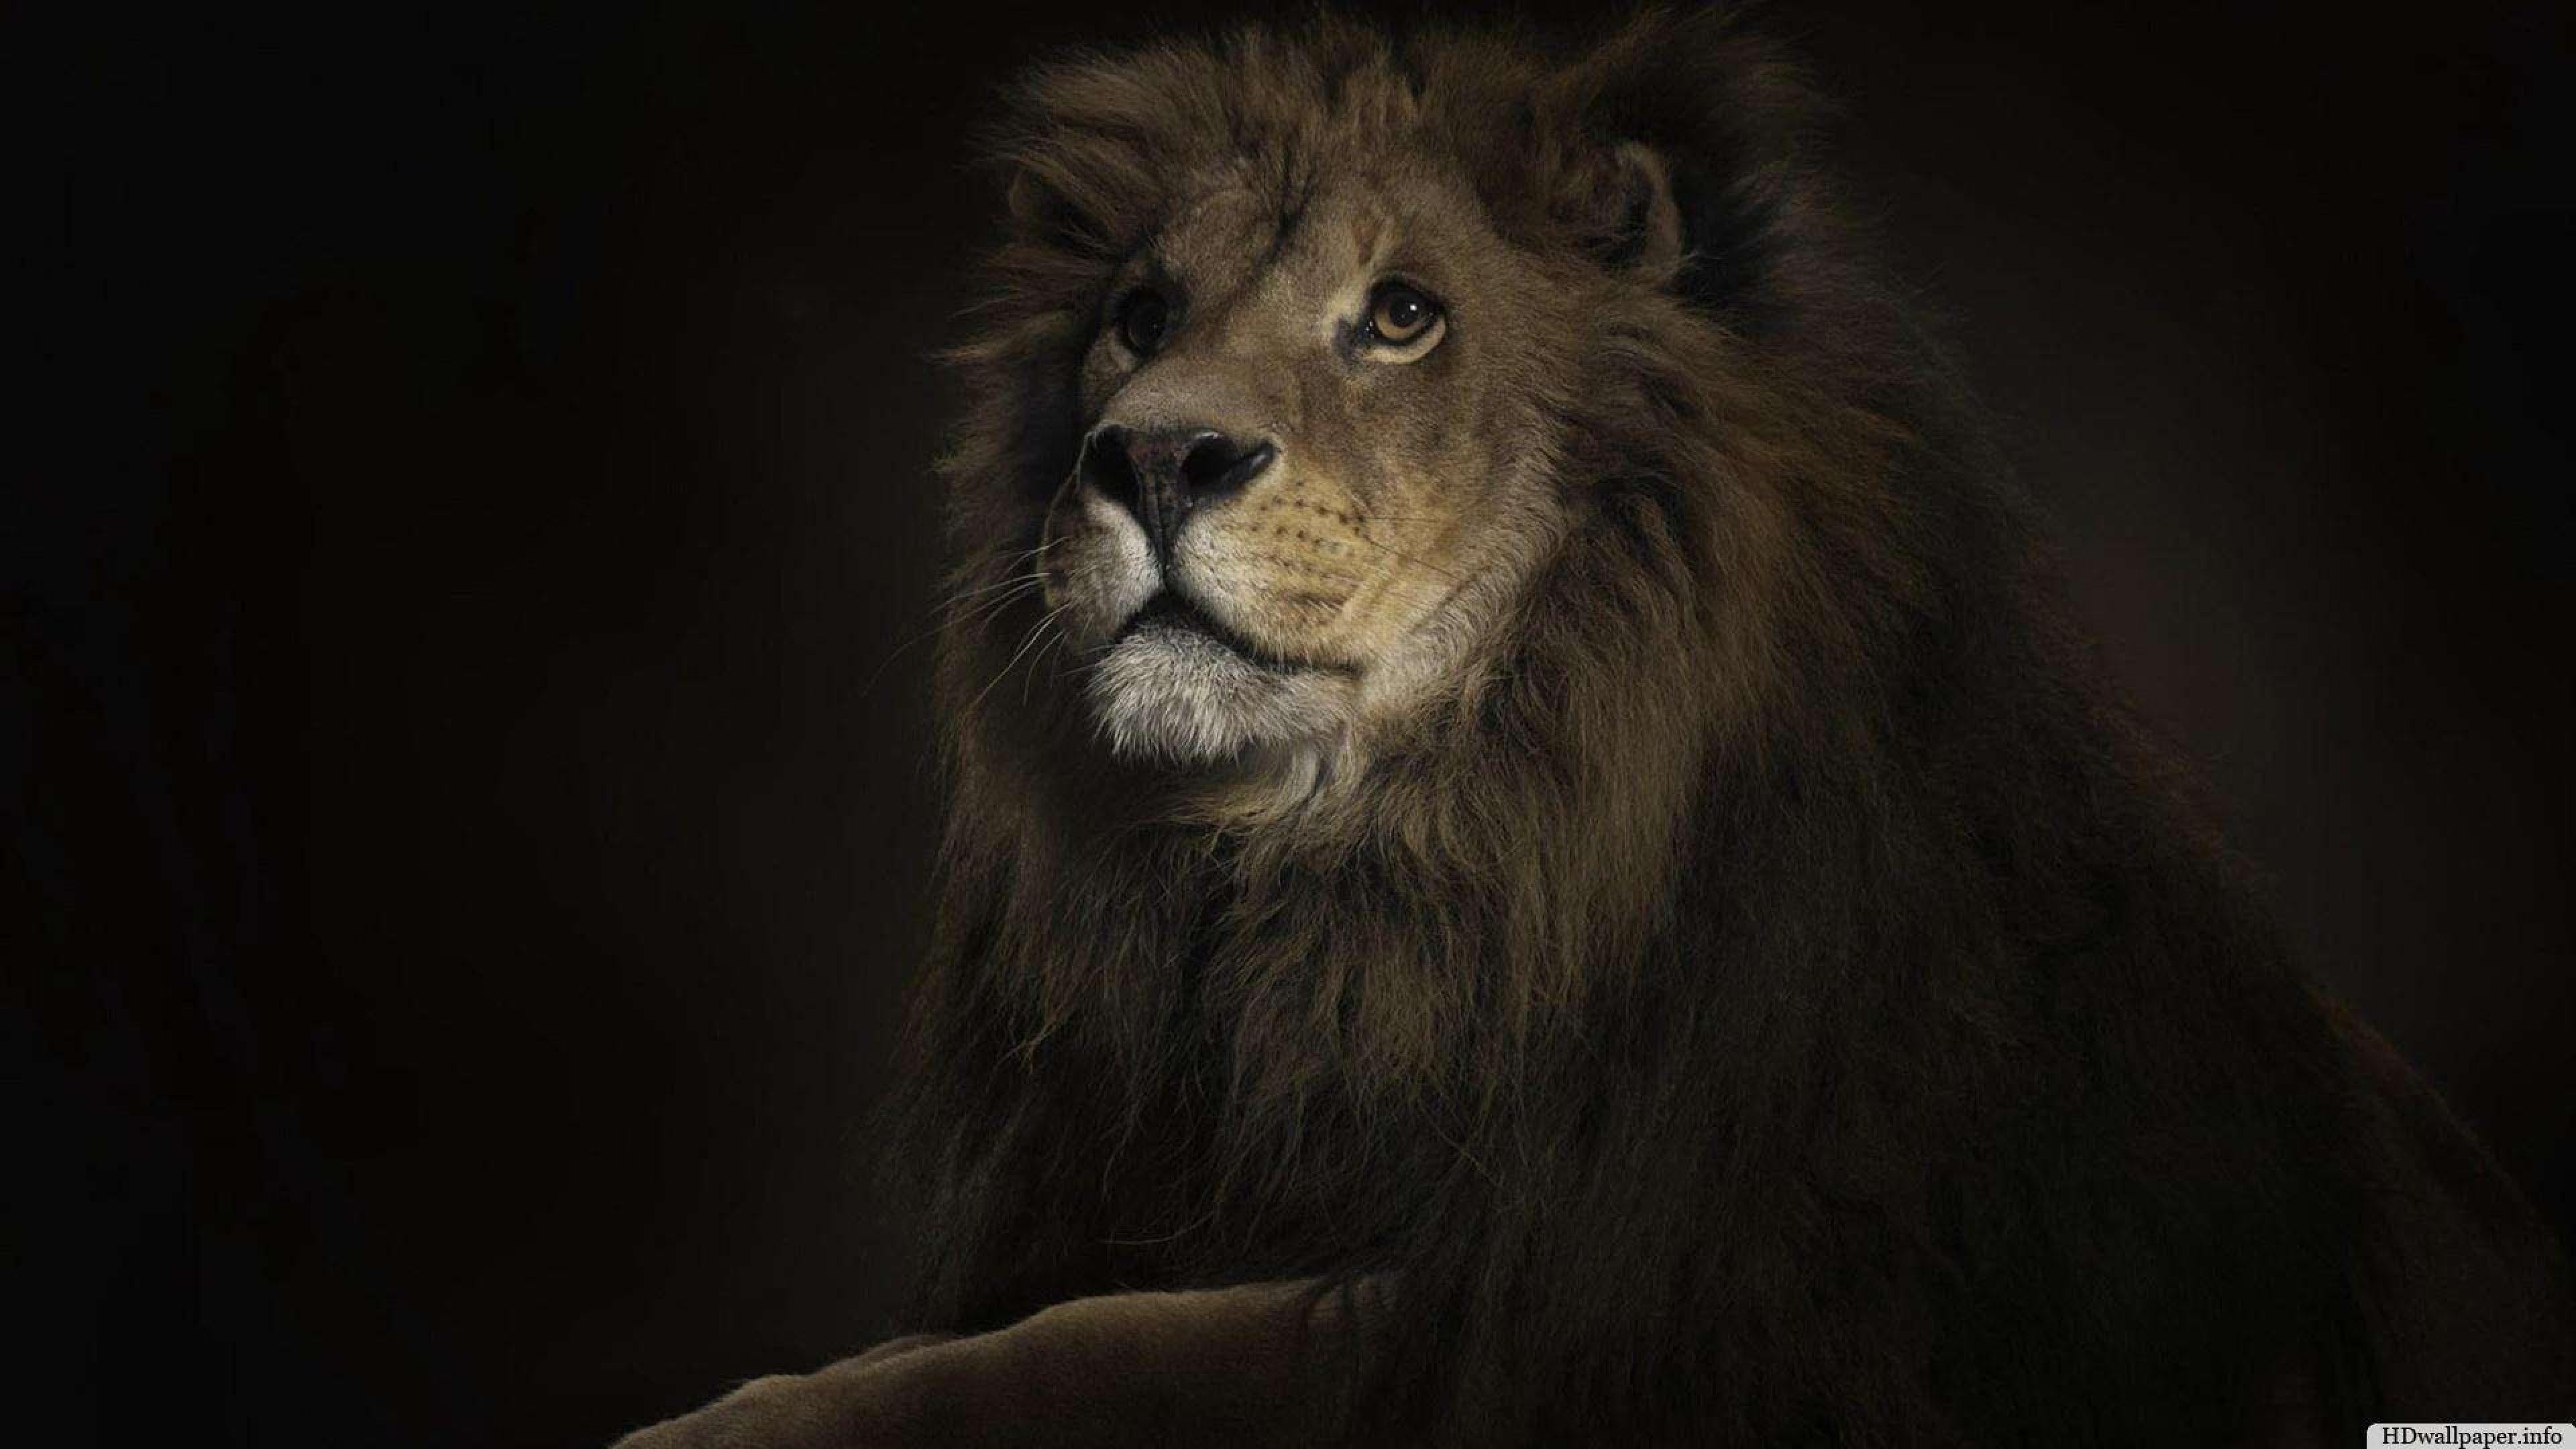 Wallpaper Lion